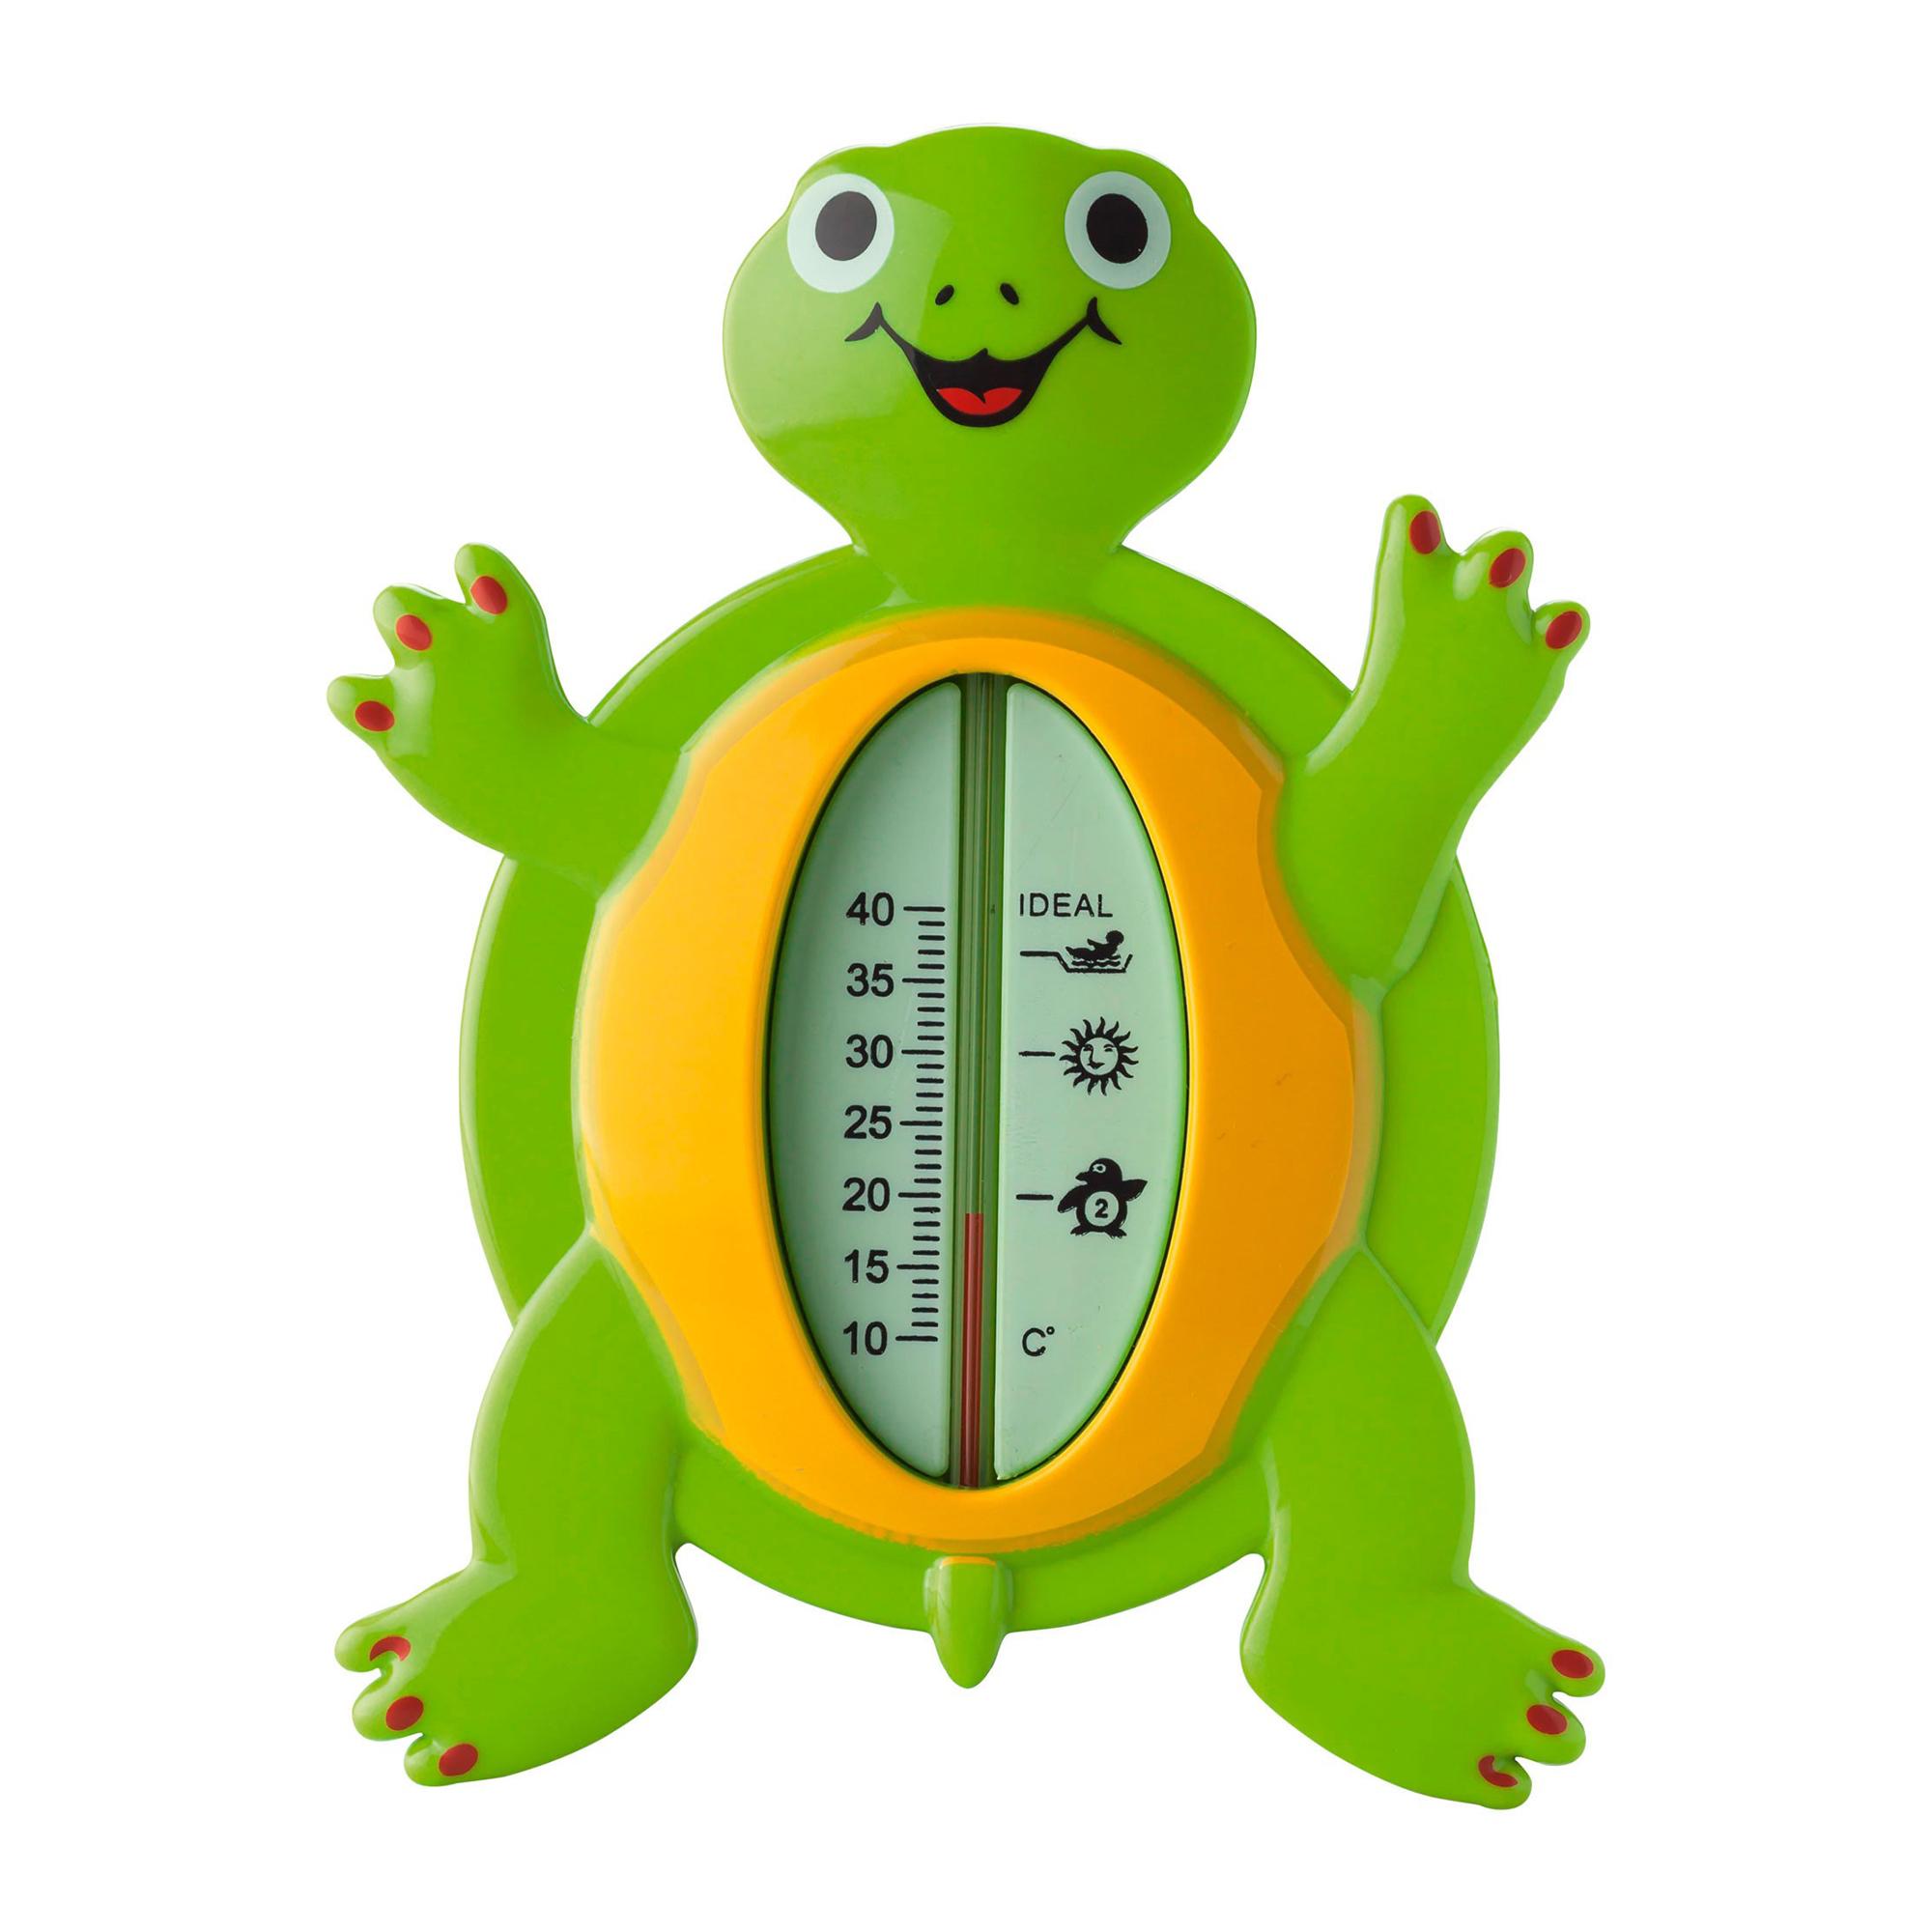 Termometru pentru baie, Reer - Broasca testoasa imagine